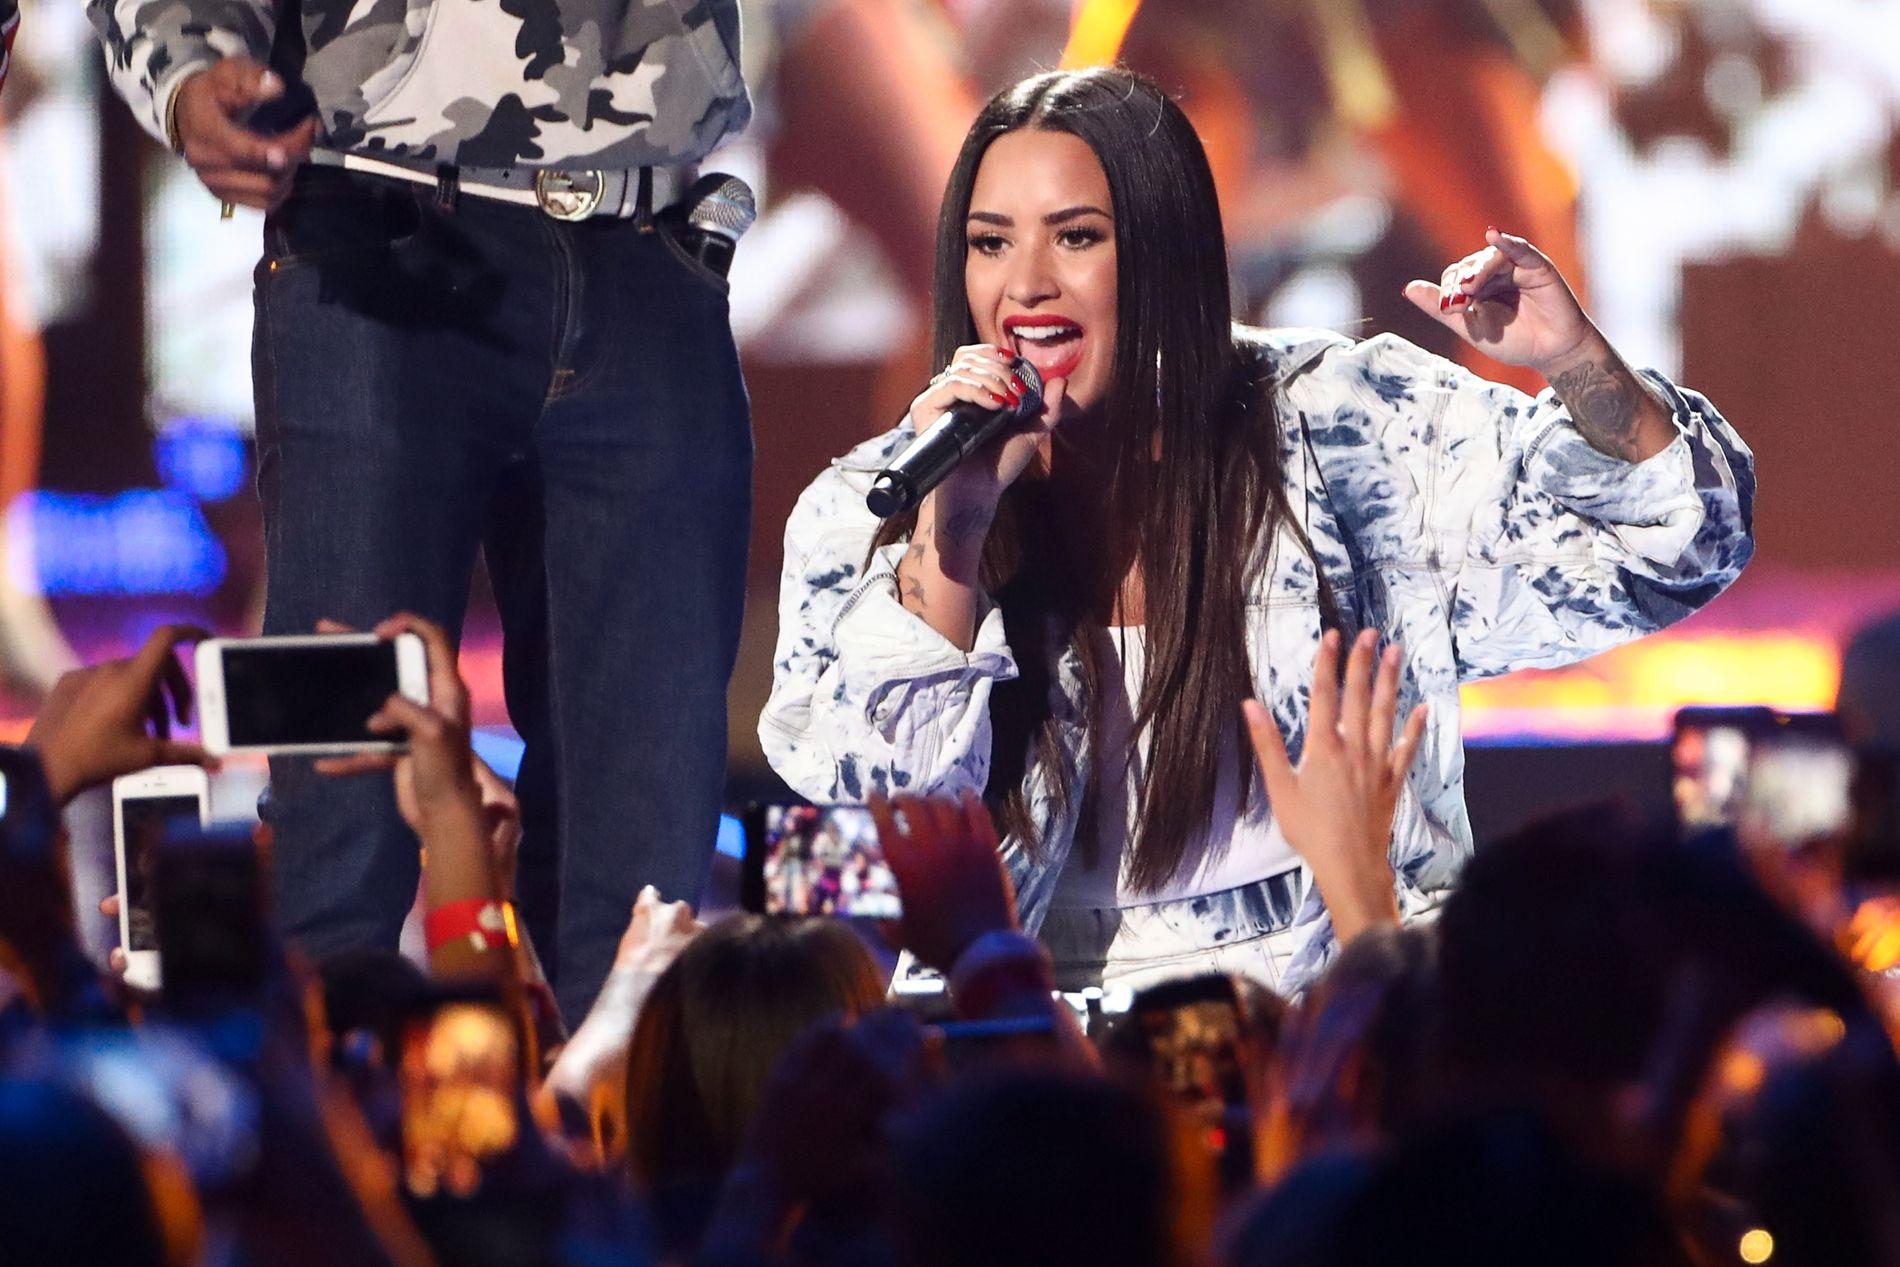 TILBAKE: Lovato har nå selv kommentert de siste ukenes hendelser. Her er hun på festival i Las Vegas 23. september 2017.